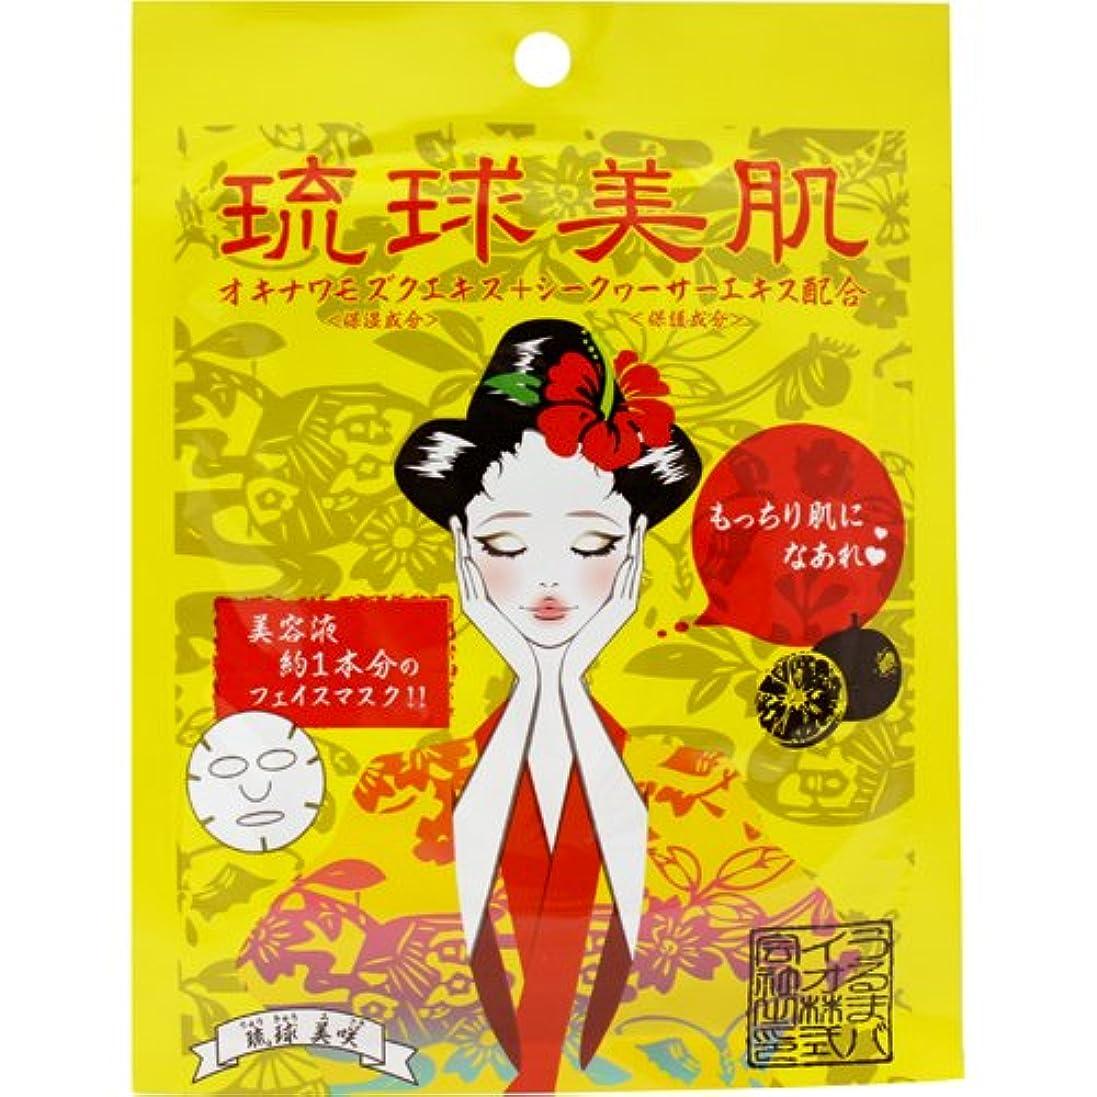 バイナリ盆地本物の琉球美肌 フェイスマスクシート シークヮーサーの香り 10枚セット